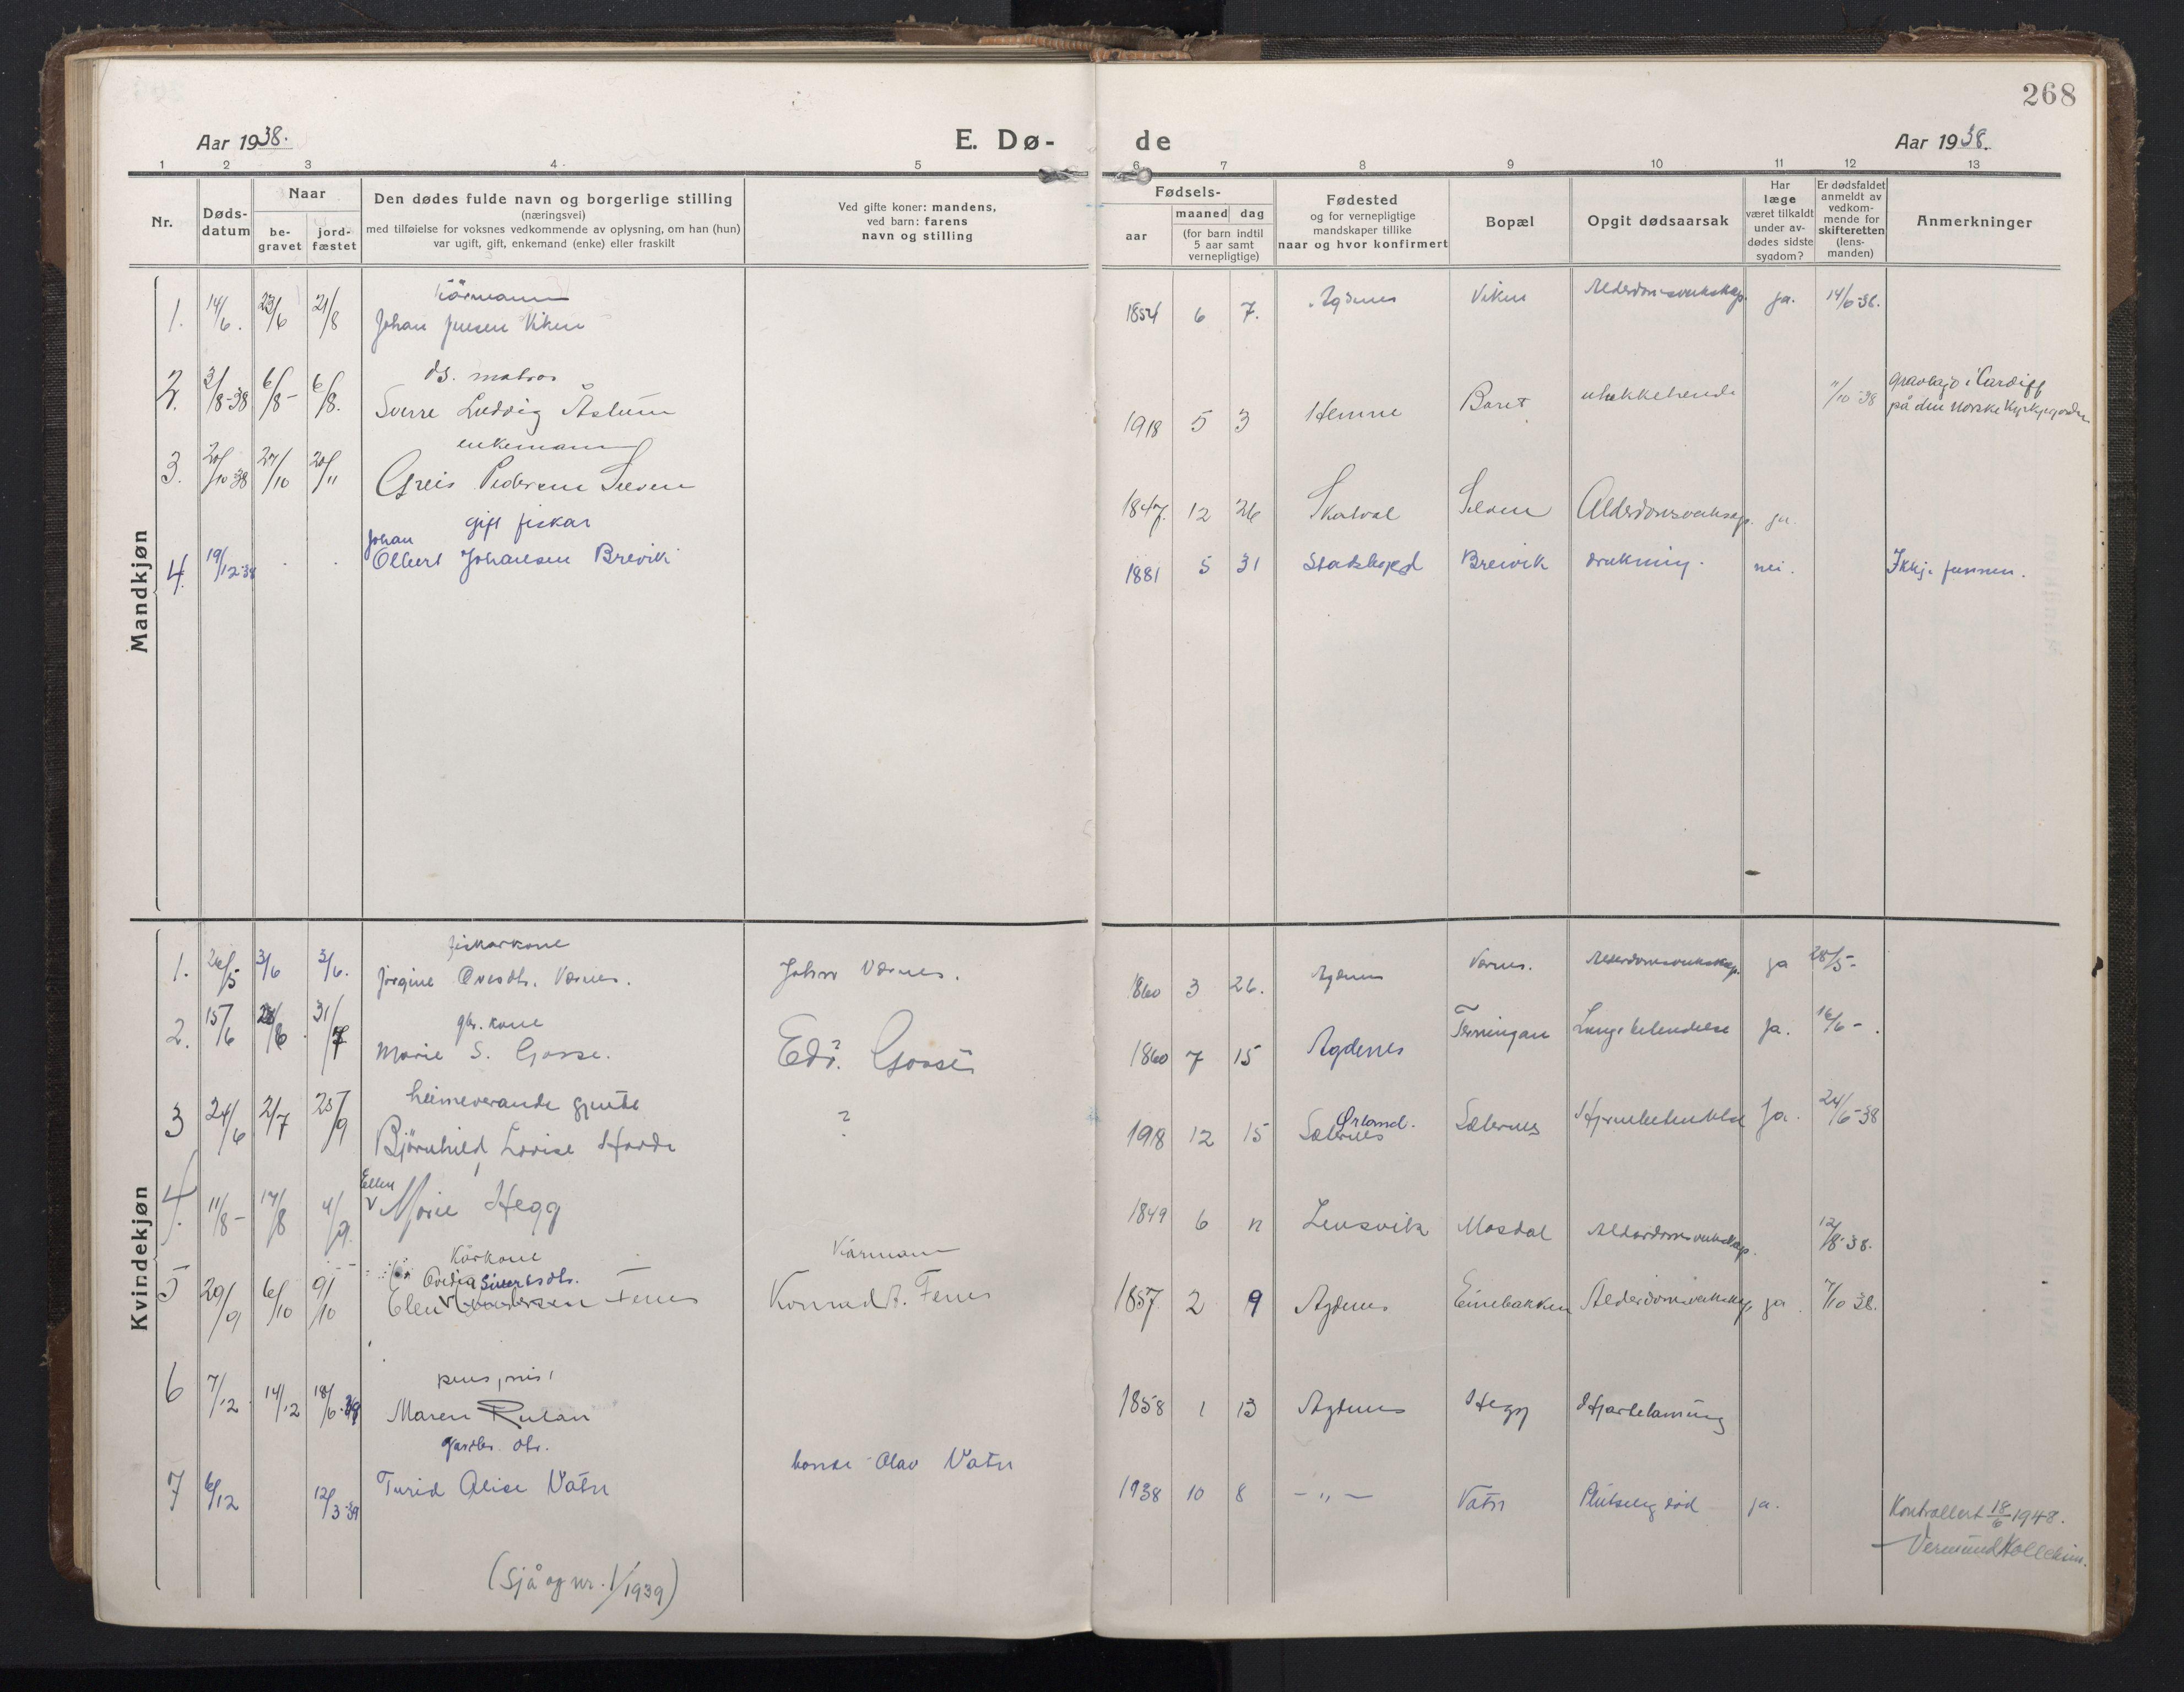 SAT, Ministerialprotokoller, klokkerbøker og fødselsregistre - Sør-Trøndelag, 662/L0758: Klokkerbok nr. 662C03, 1918-1948, s. 268